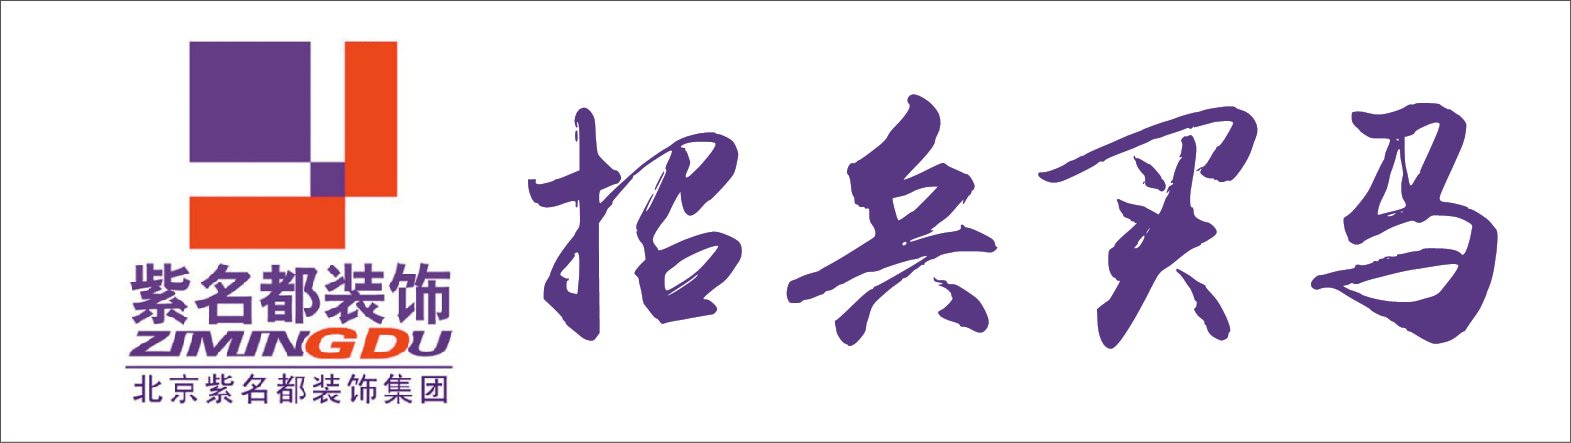 紫名都装饰有限公司